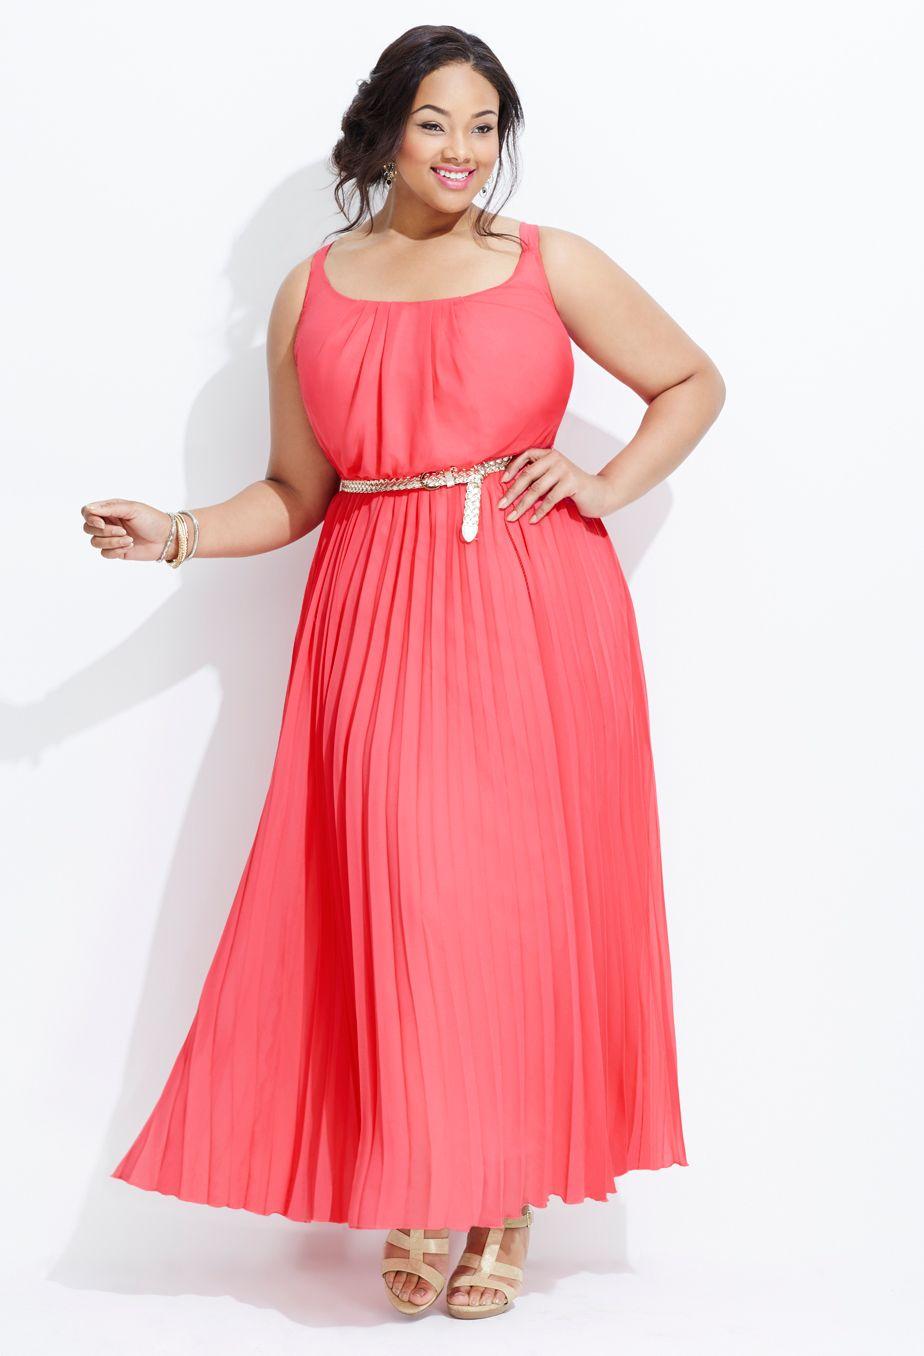 Coral Lengths Dress Oh So Pretty Plus Size Maxi Dresses Fashion Plus Size Fashion Blog [ 1356 x 924 Pixel ]